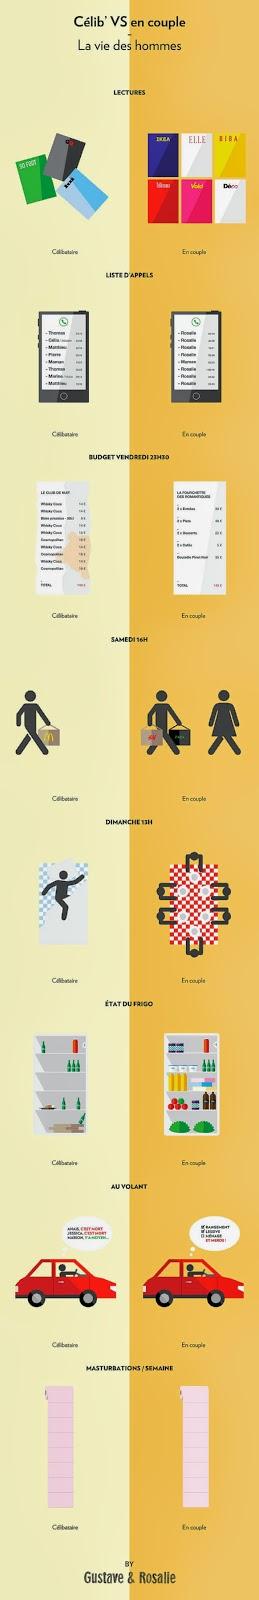 http://www.grazia.fr/au-quotidien/couple/articles/la-vie-d-un-homme-celibataire-vs-la-vie-d-un-homme-en-couple-en-images-709748